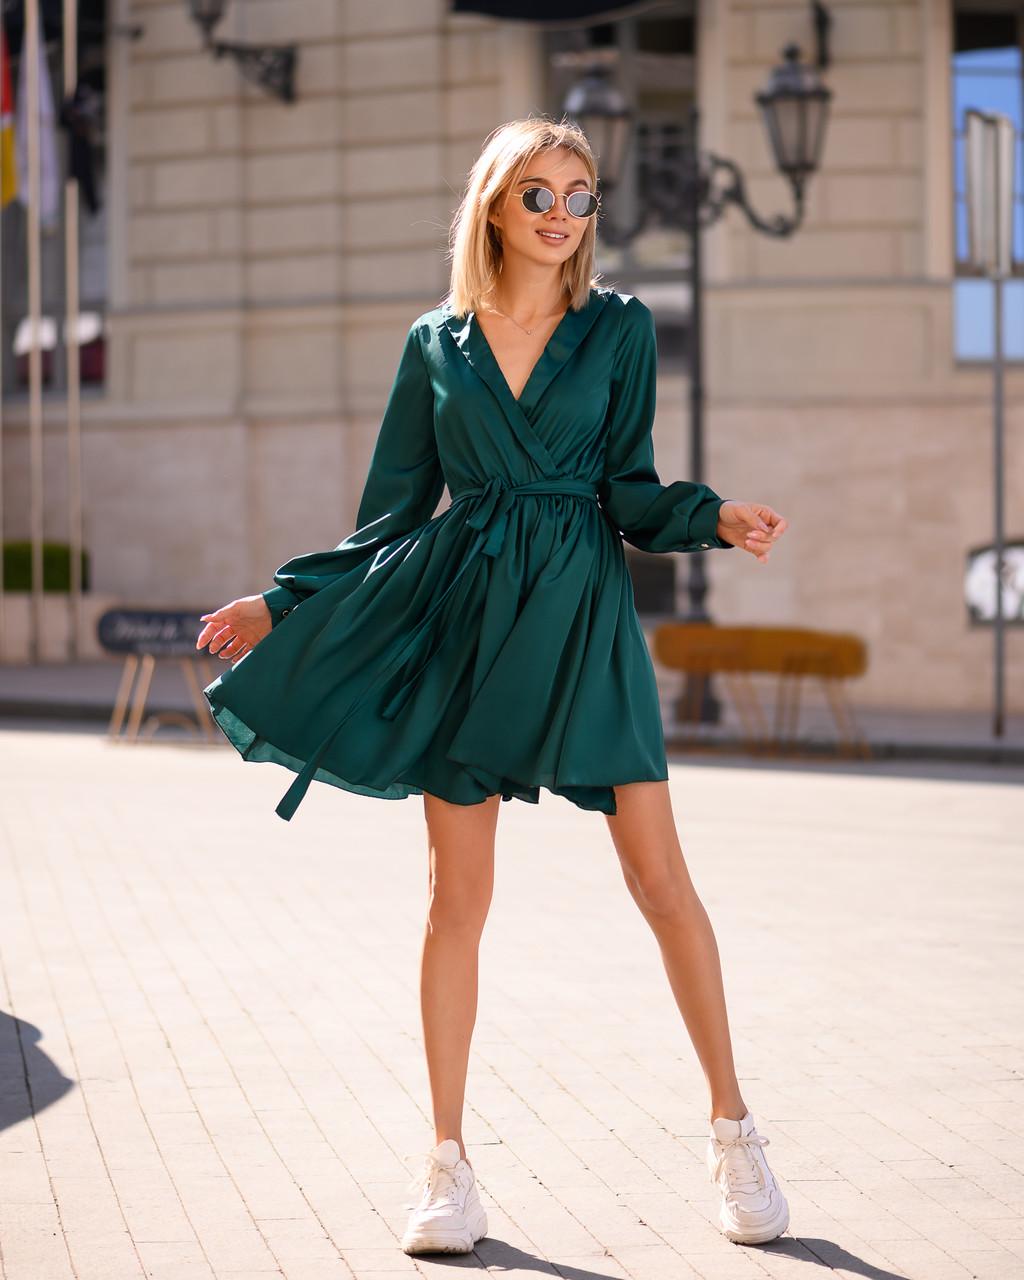 Бестселлер! Изумрудное платье из шелка Армани, декорировано воротником, ширина юбки 285см, на рукавах манжет.